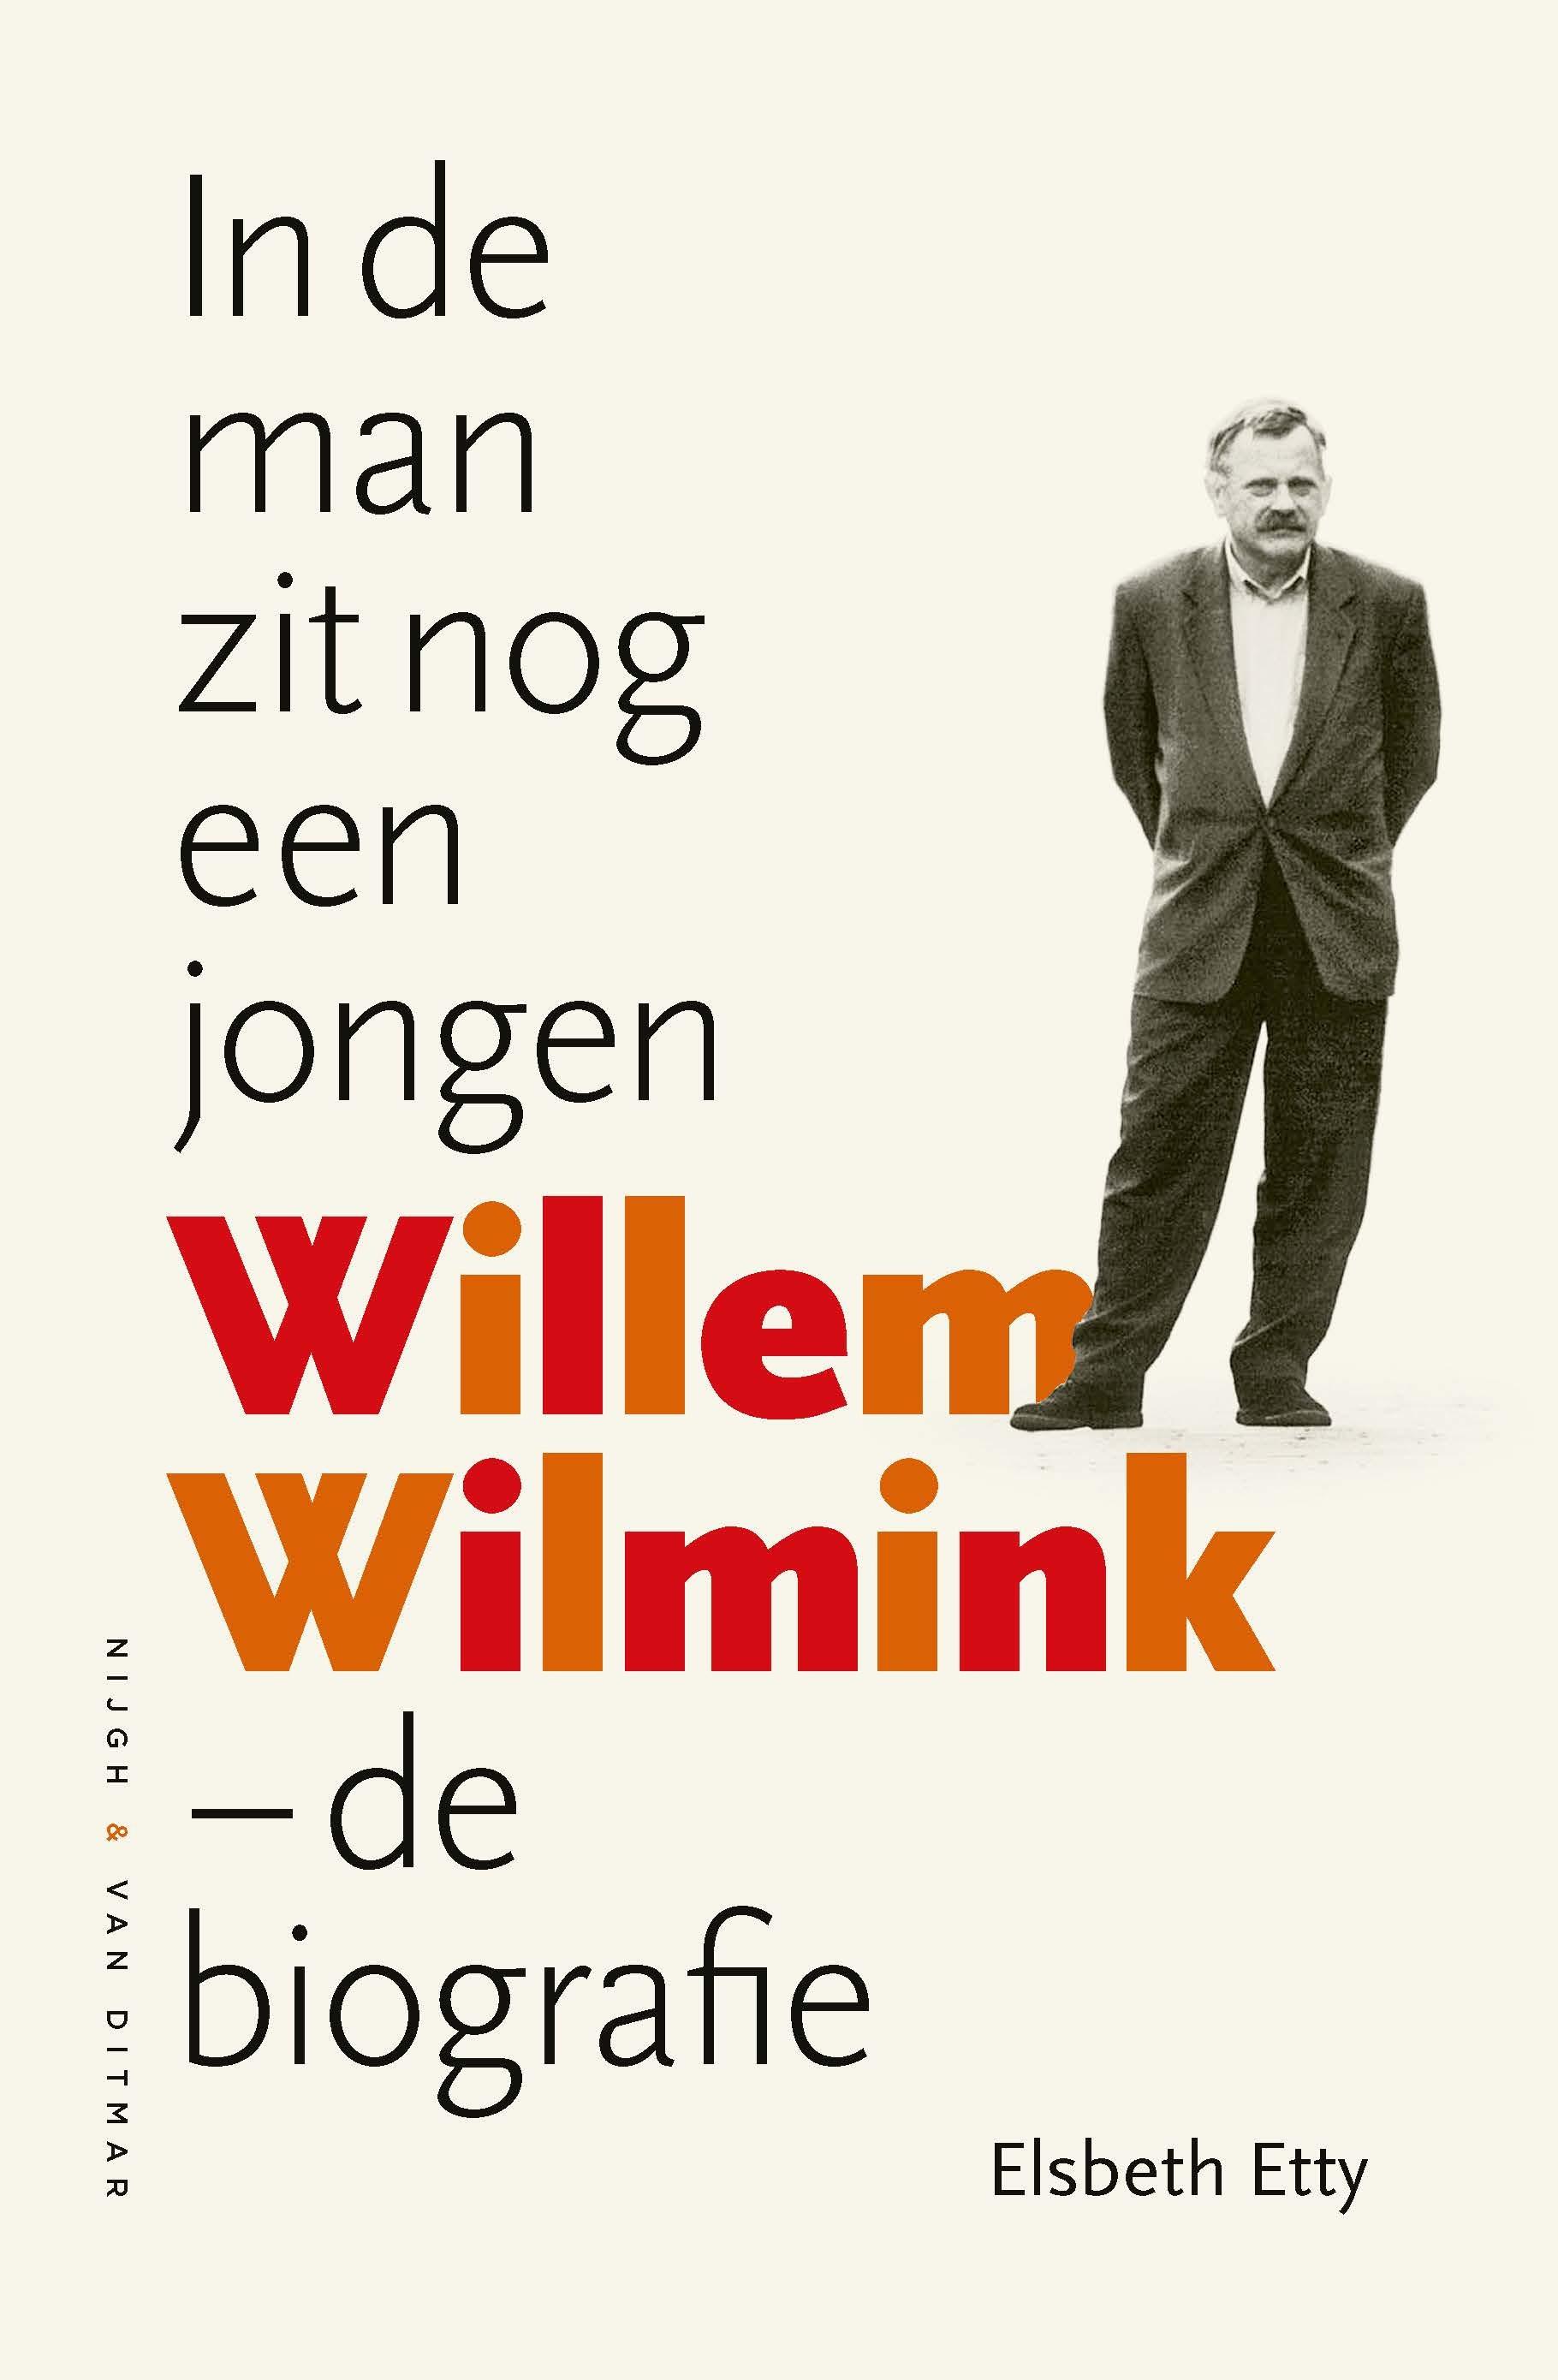 Wilmink-bio